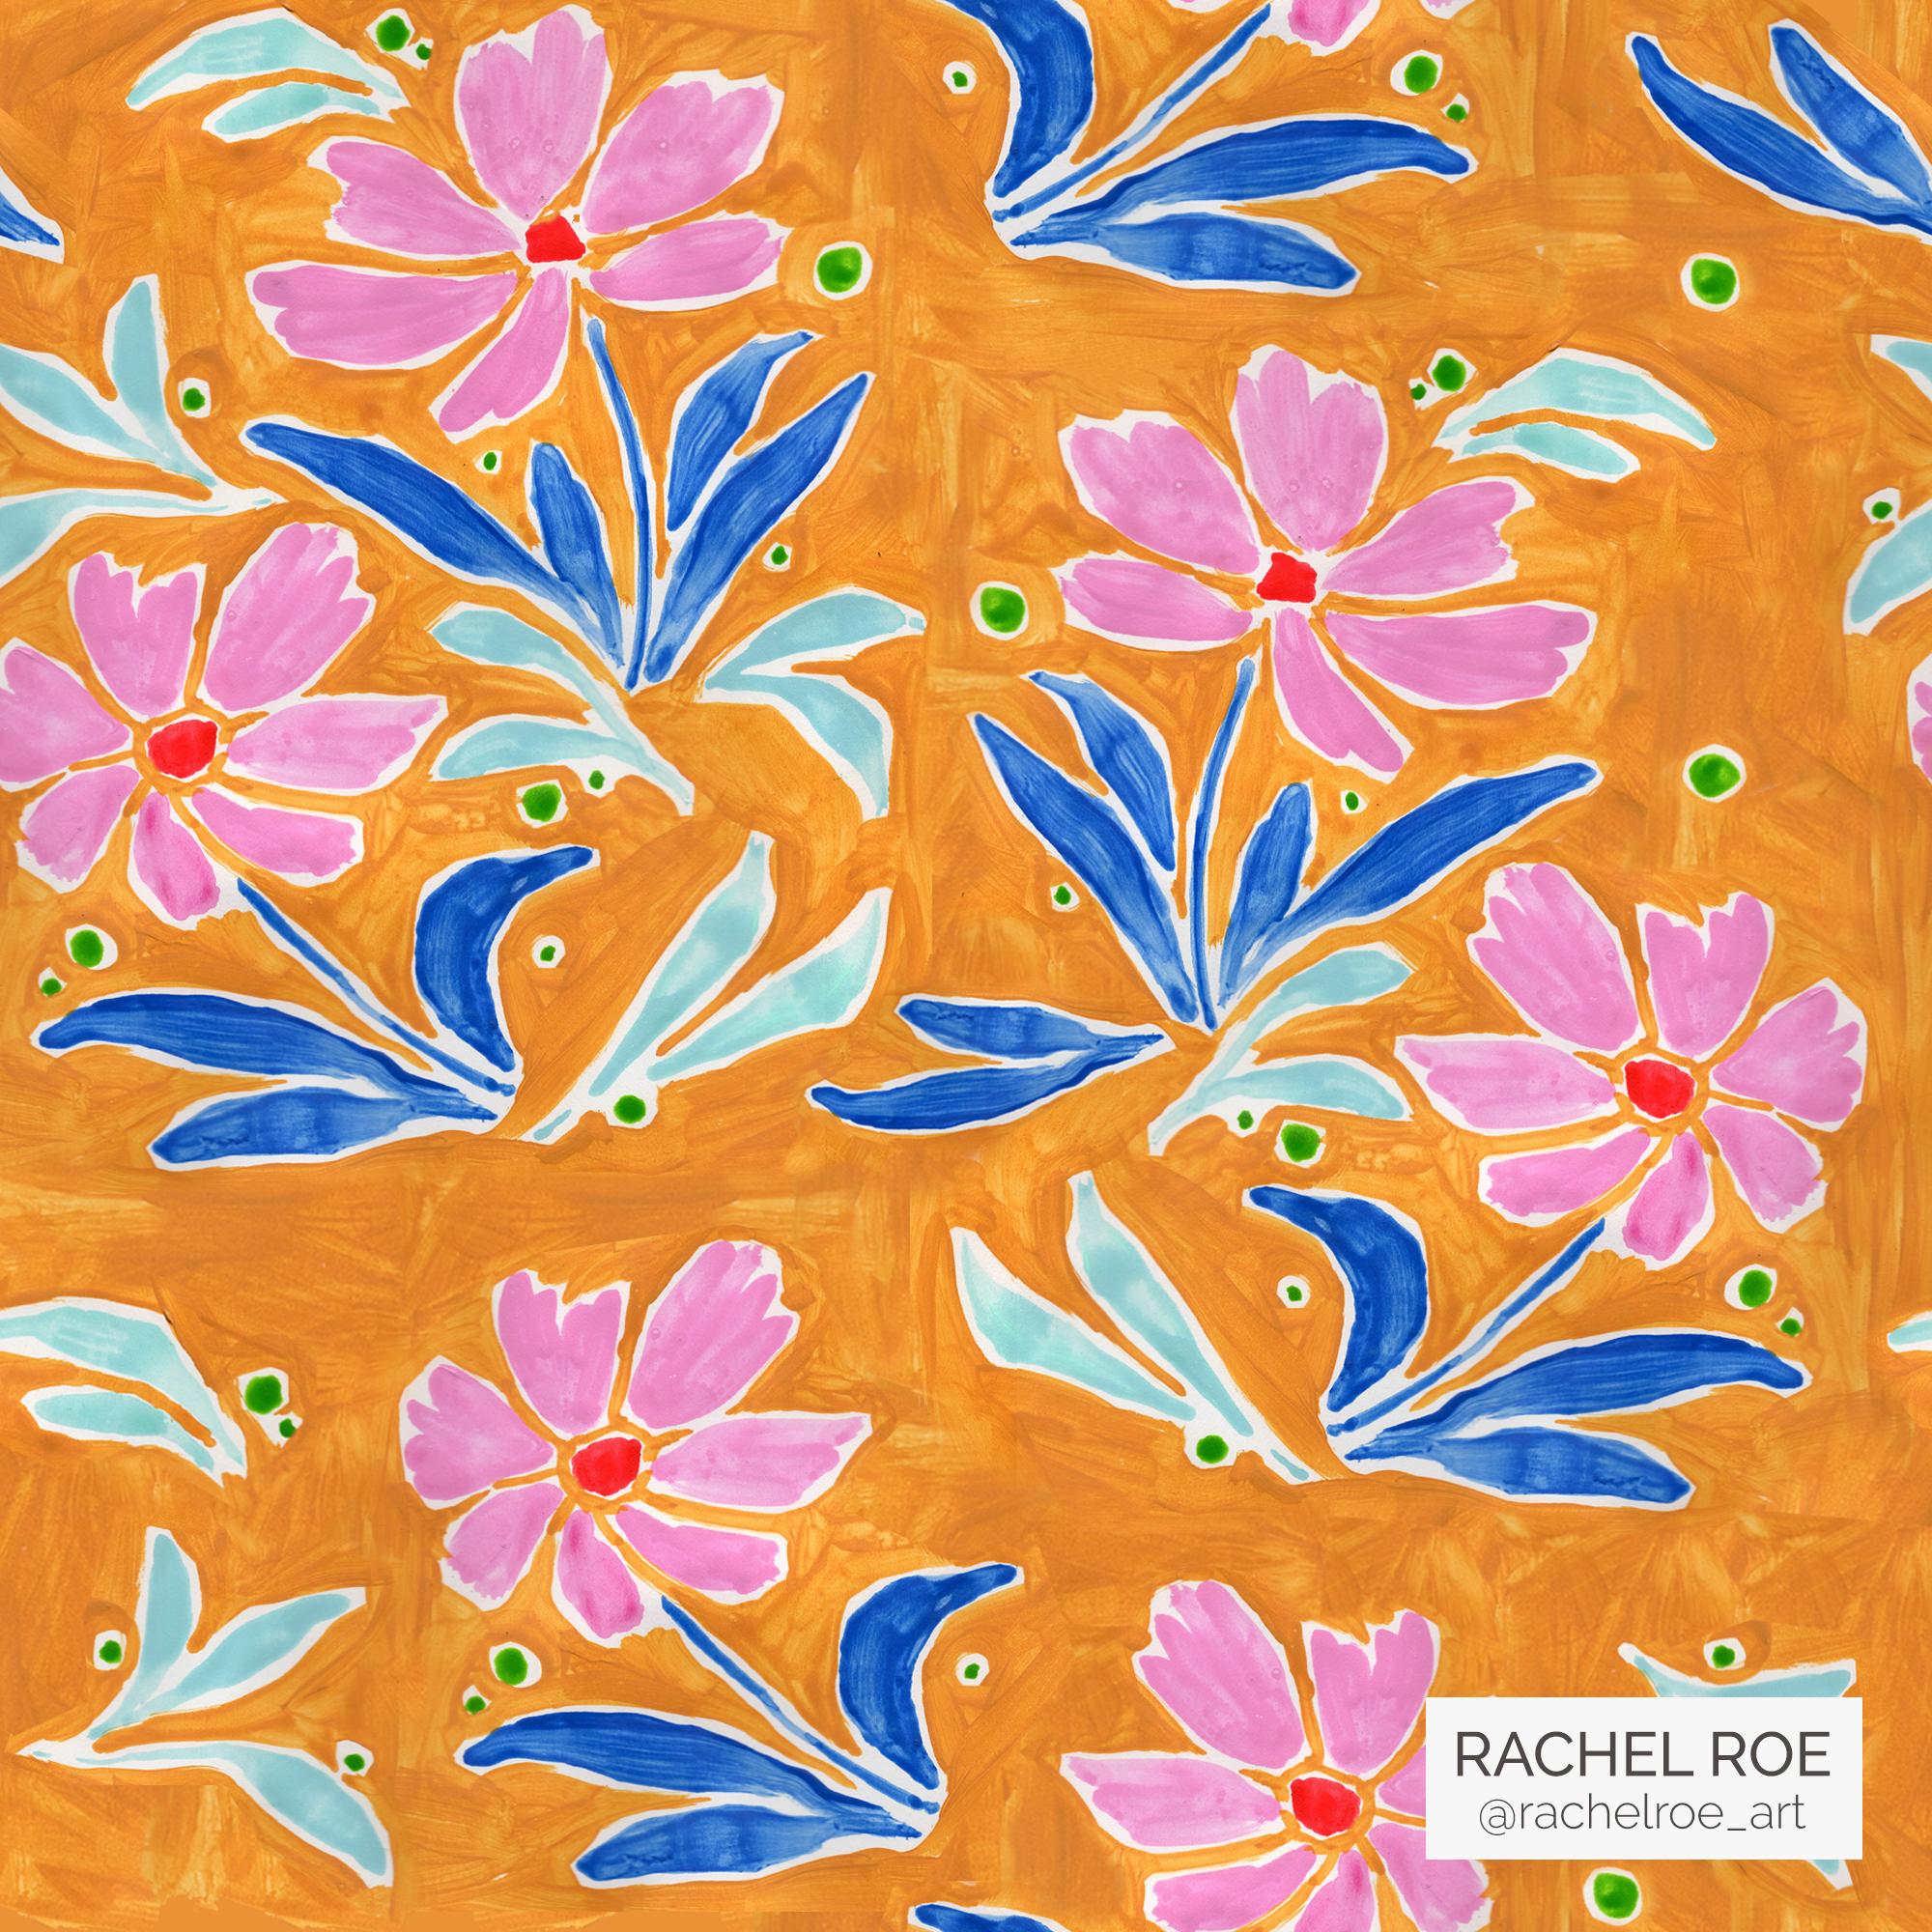 Marigold Floral_Instagram_Rachel Roe.jpg